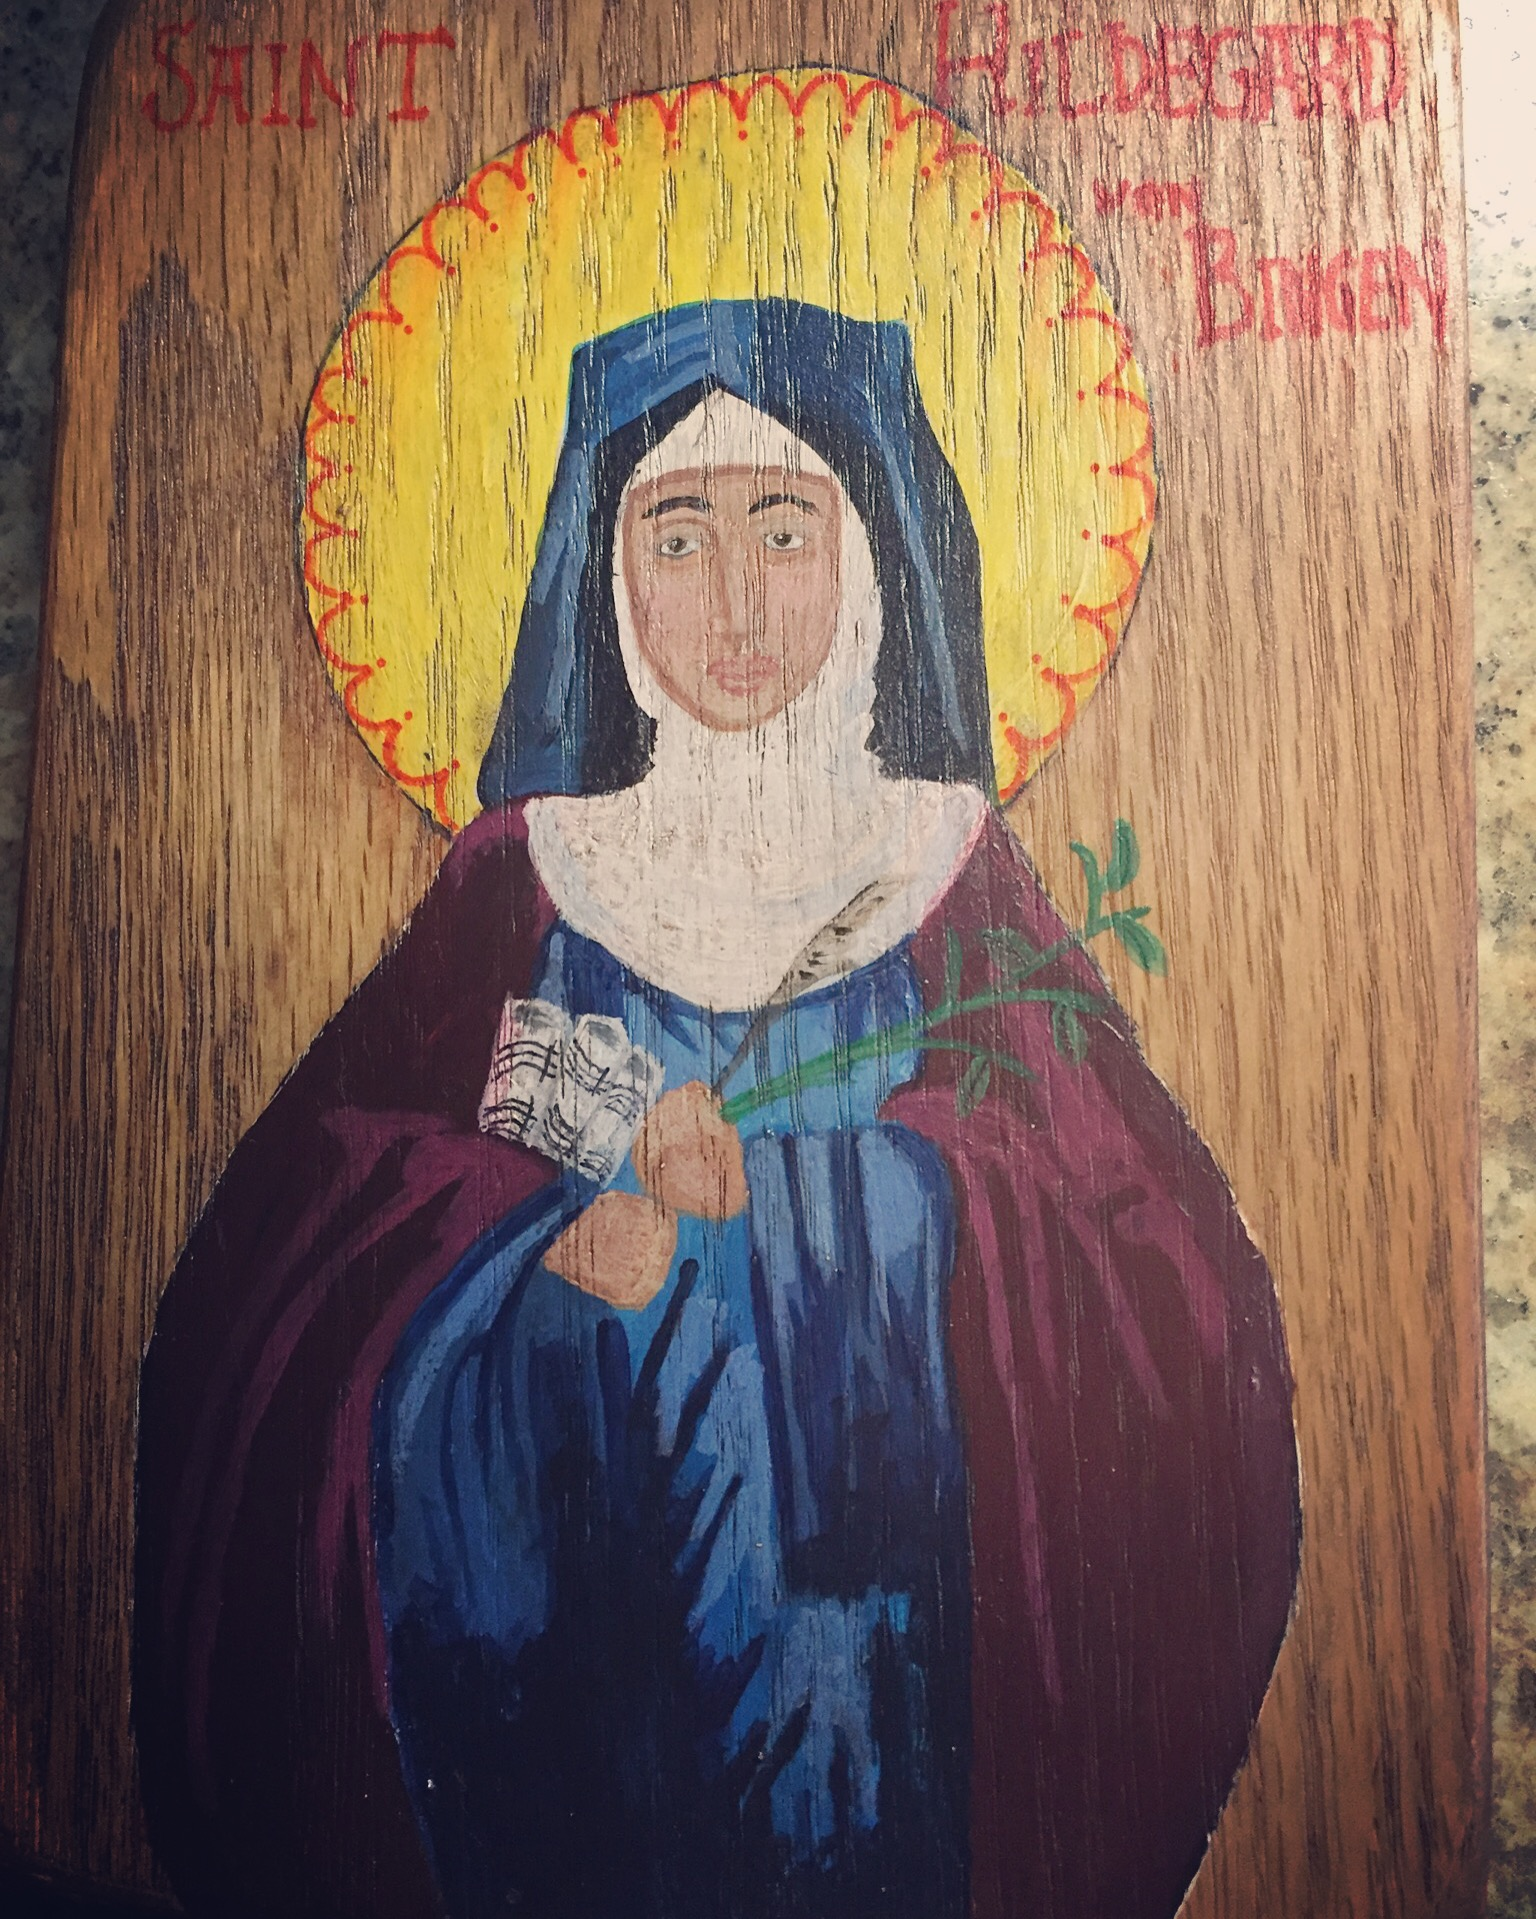 Painting of Hildegard von Bingen by Matt Adams*